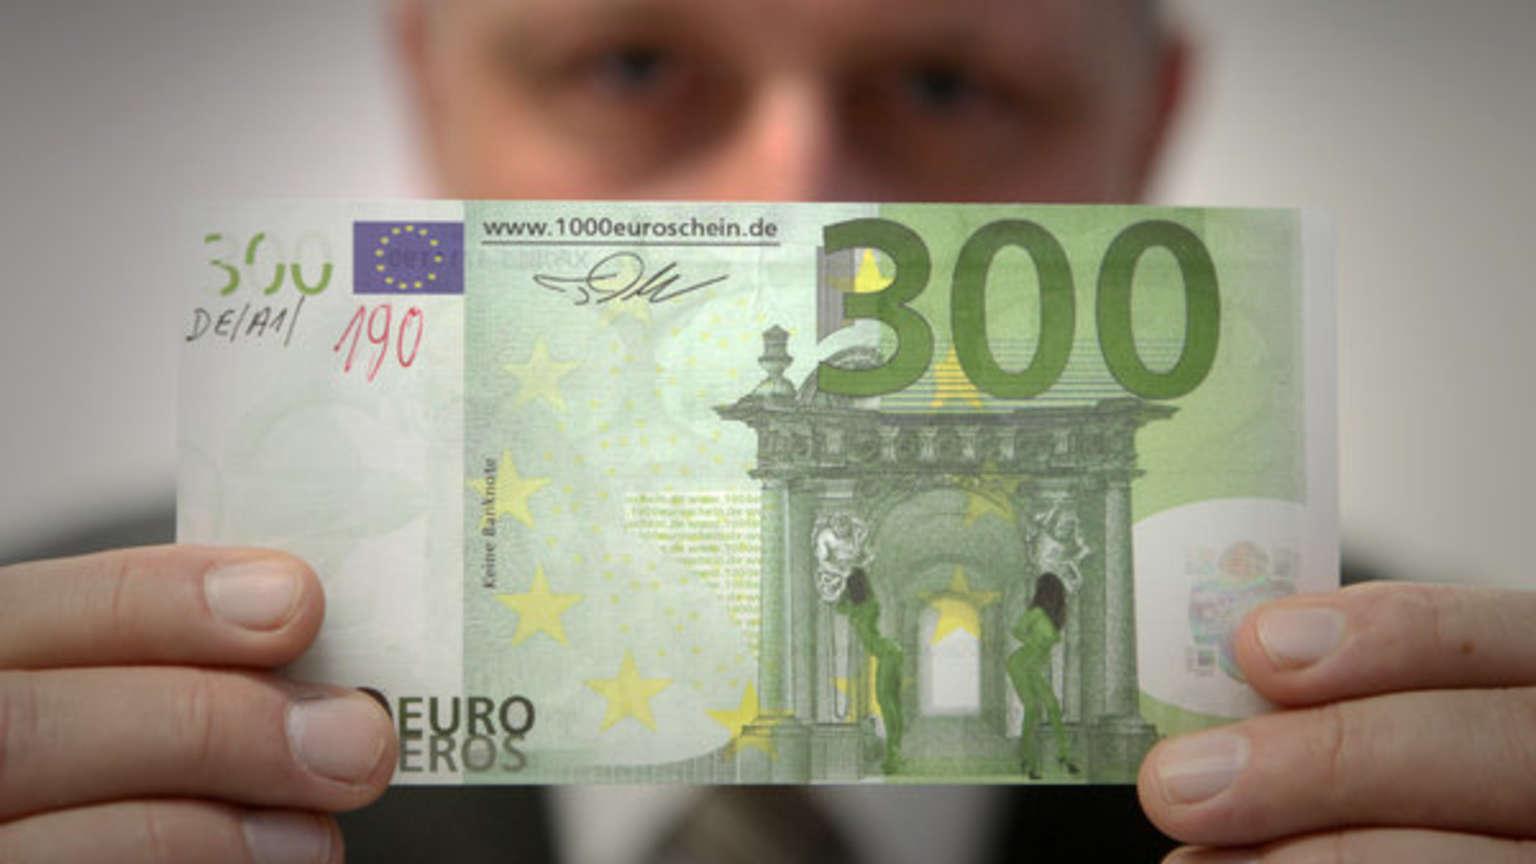 Европейская мотивация. Литва начнет выплачивать по 300 евро мигрантам за возвращение на родину